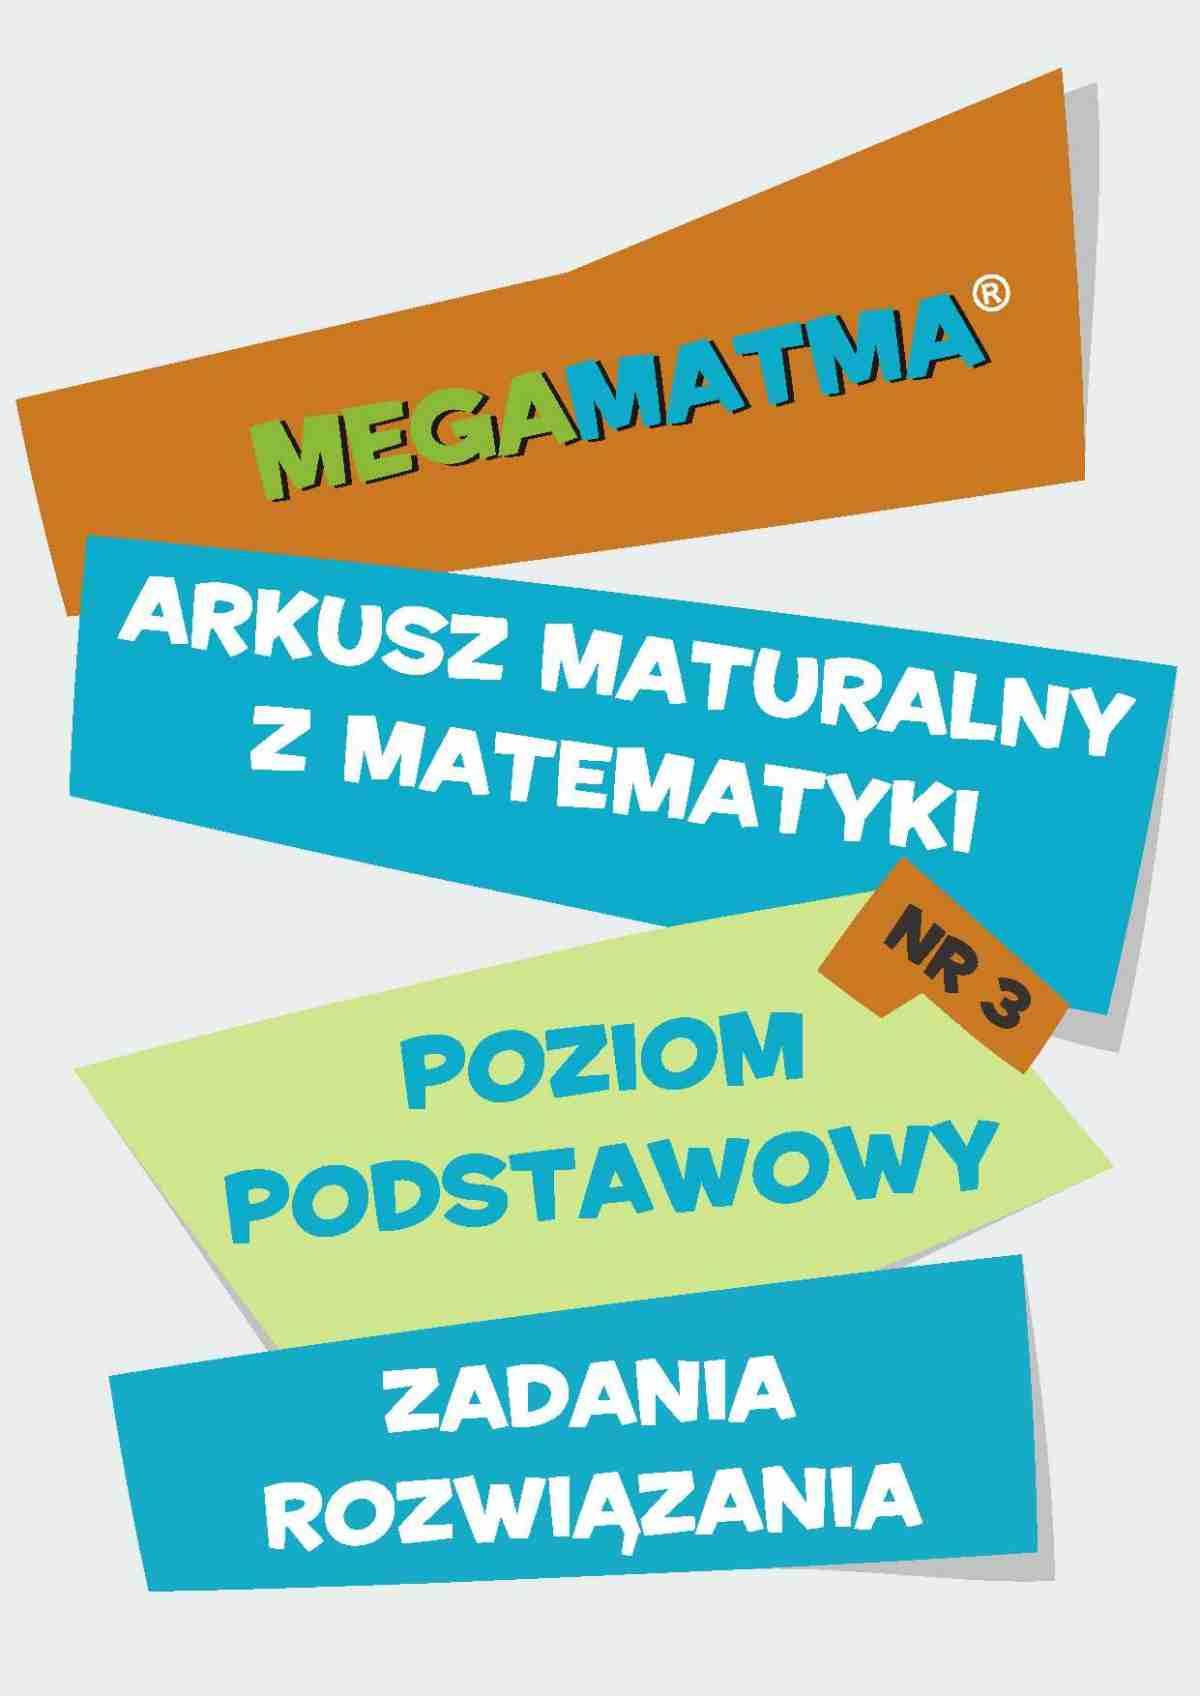 Matematyka-Arkusz maturalny. MegaMatma nr 3. Poziom podstawowy. Zadania z rozwiązaniami. - Ebook (Książka PDF) do pobrania w formacie PDF